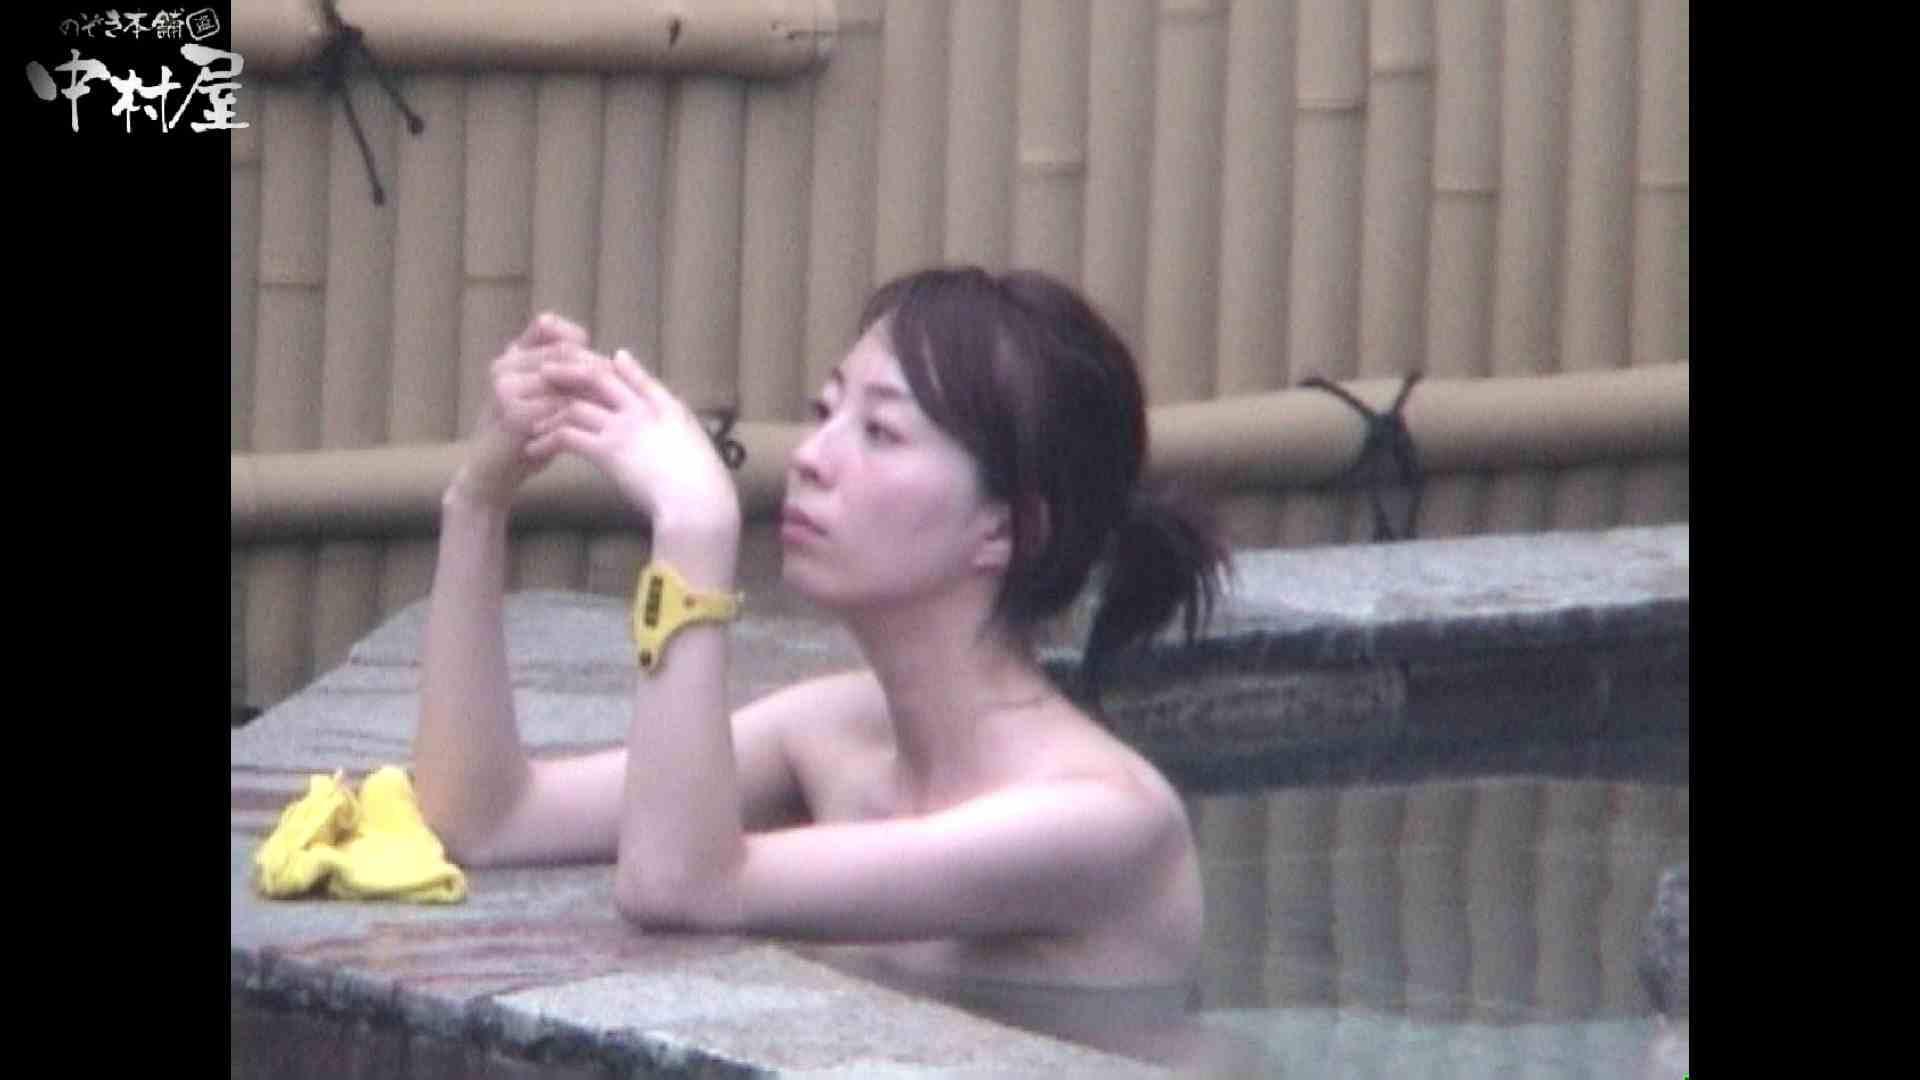 Aquaな露天風呂Vol.964 美しいOLの裸体   盗撮師作品  104pic 46